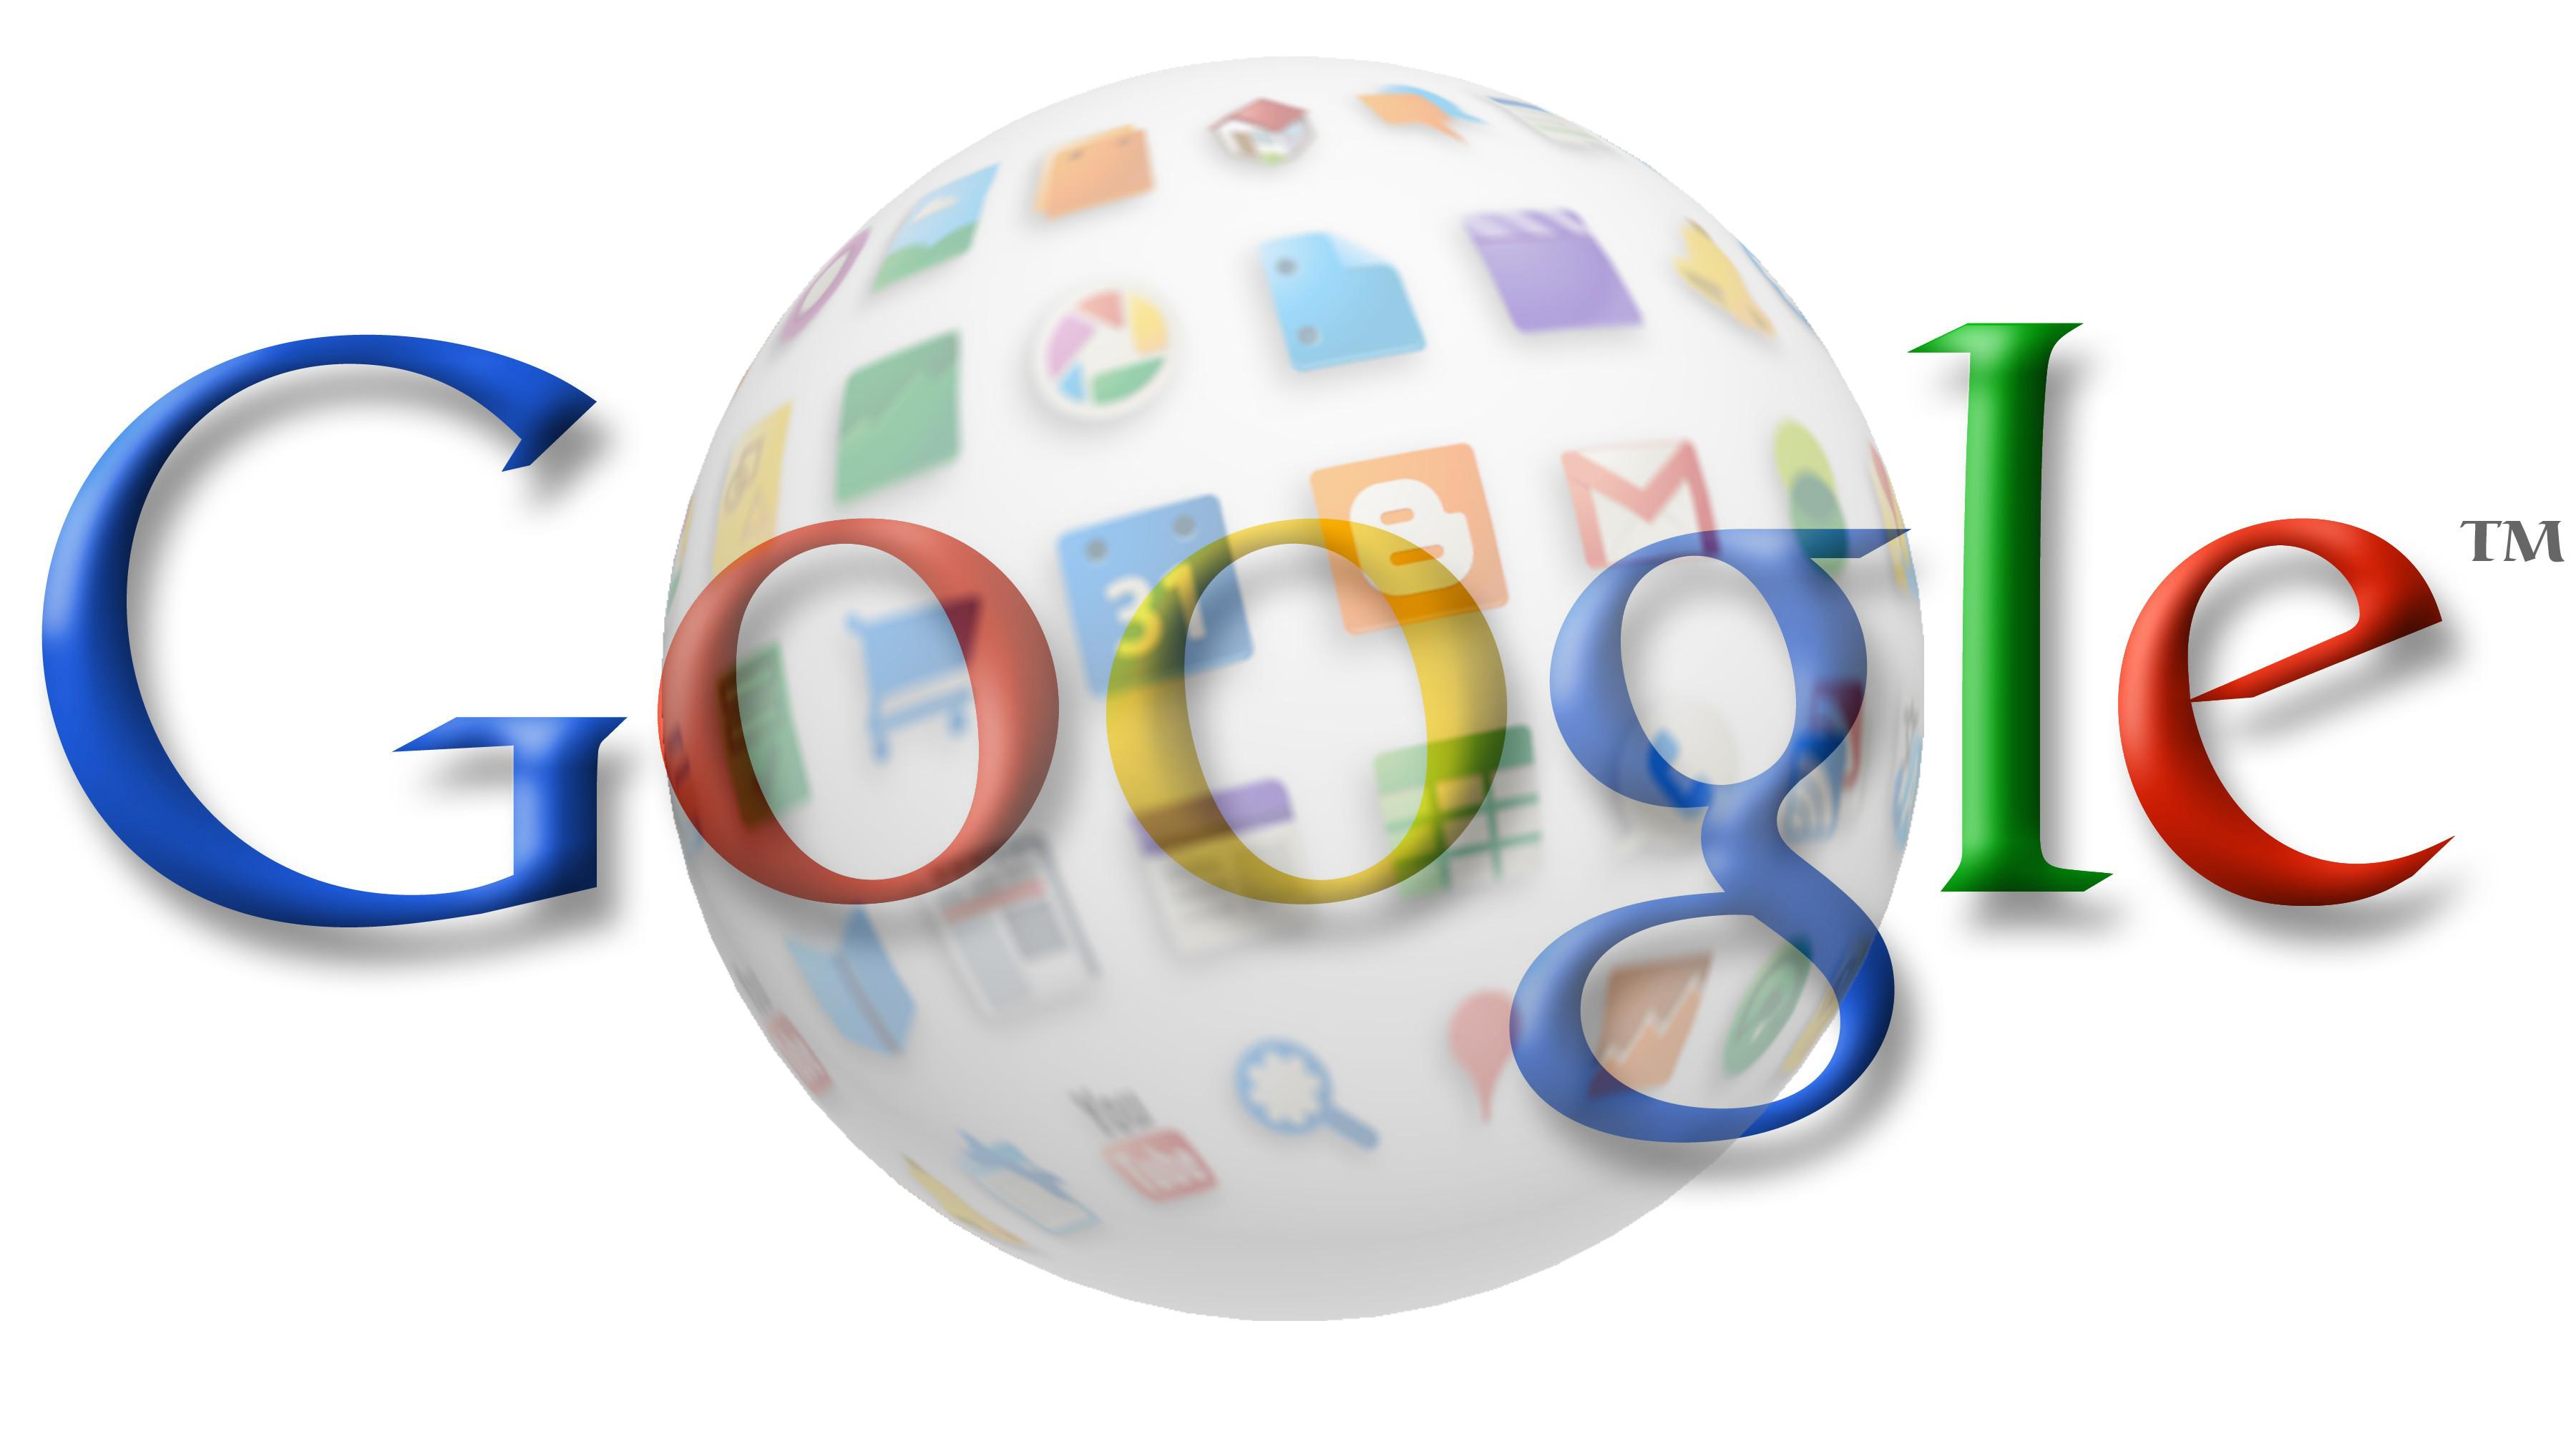 جست و جوی  های مخفی گوگل که از آن خبر ندارید